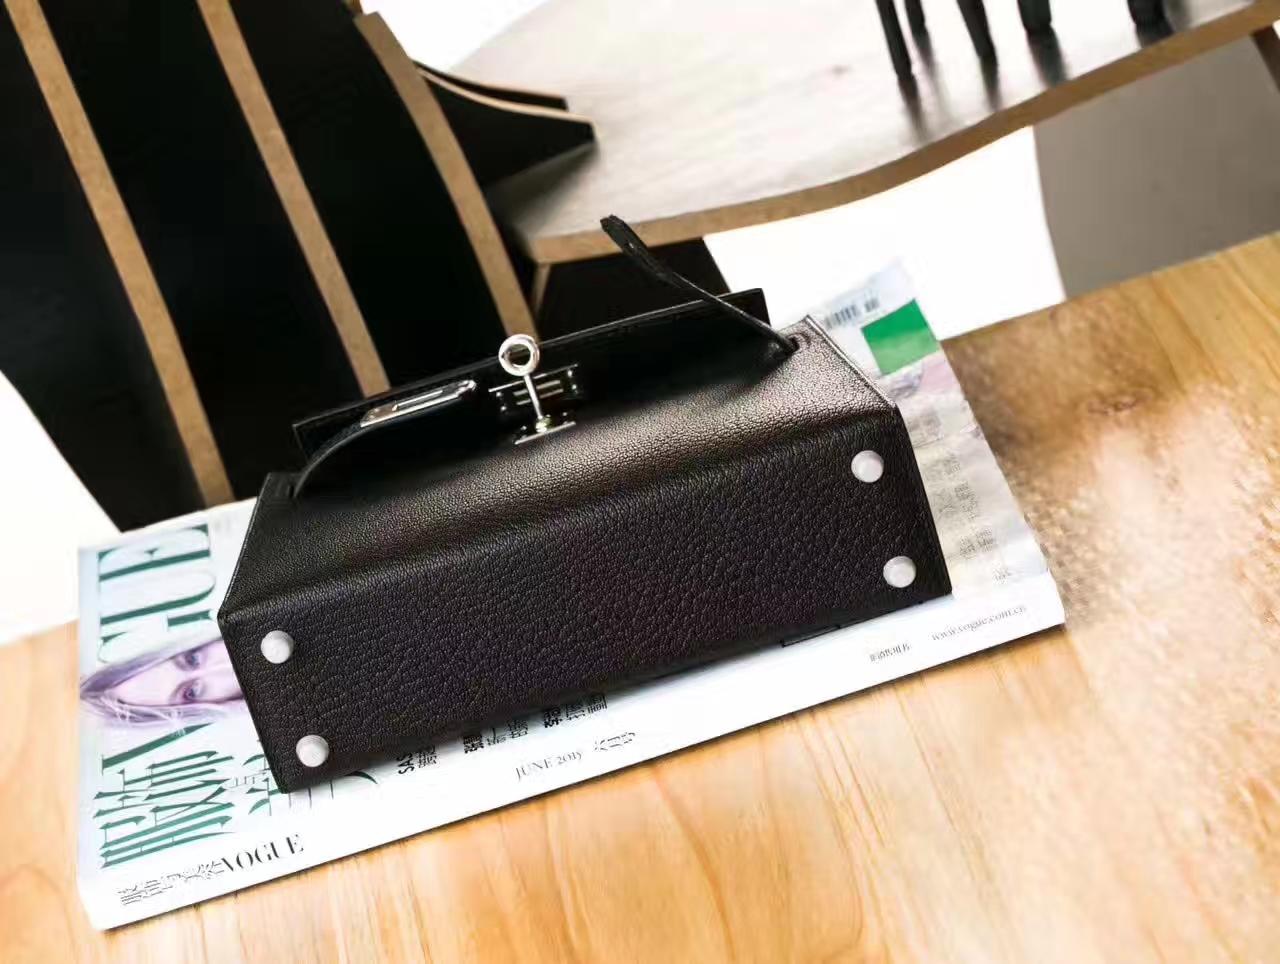 Hermes Minikelly 2代 爱马仕89黑色原厂山羊皮迷你凯莉包18cm